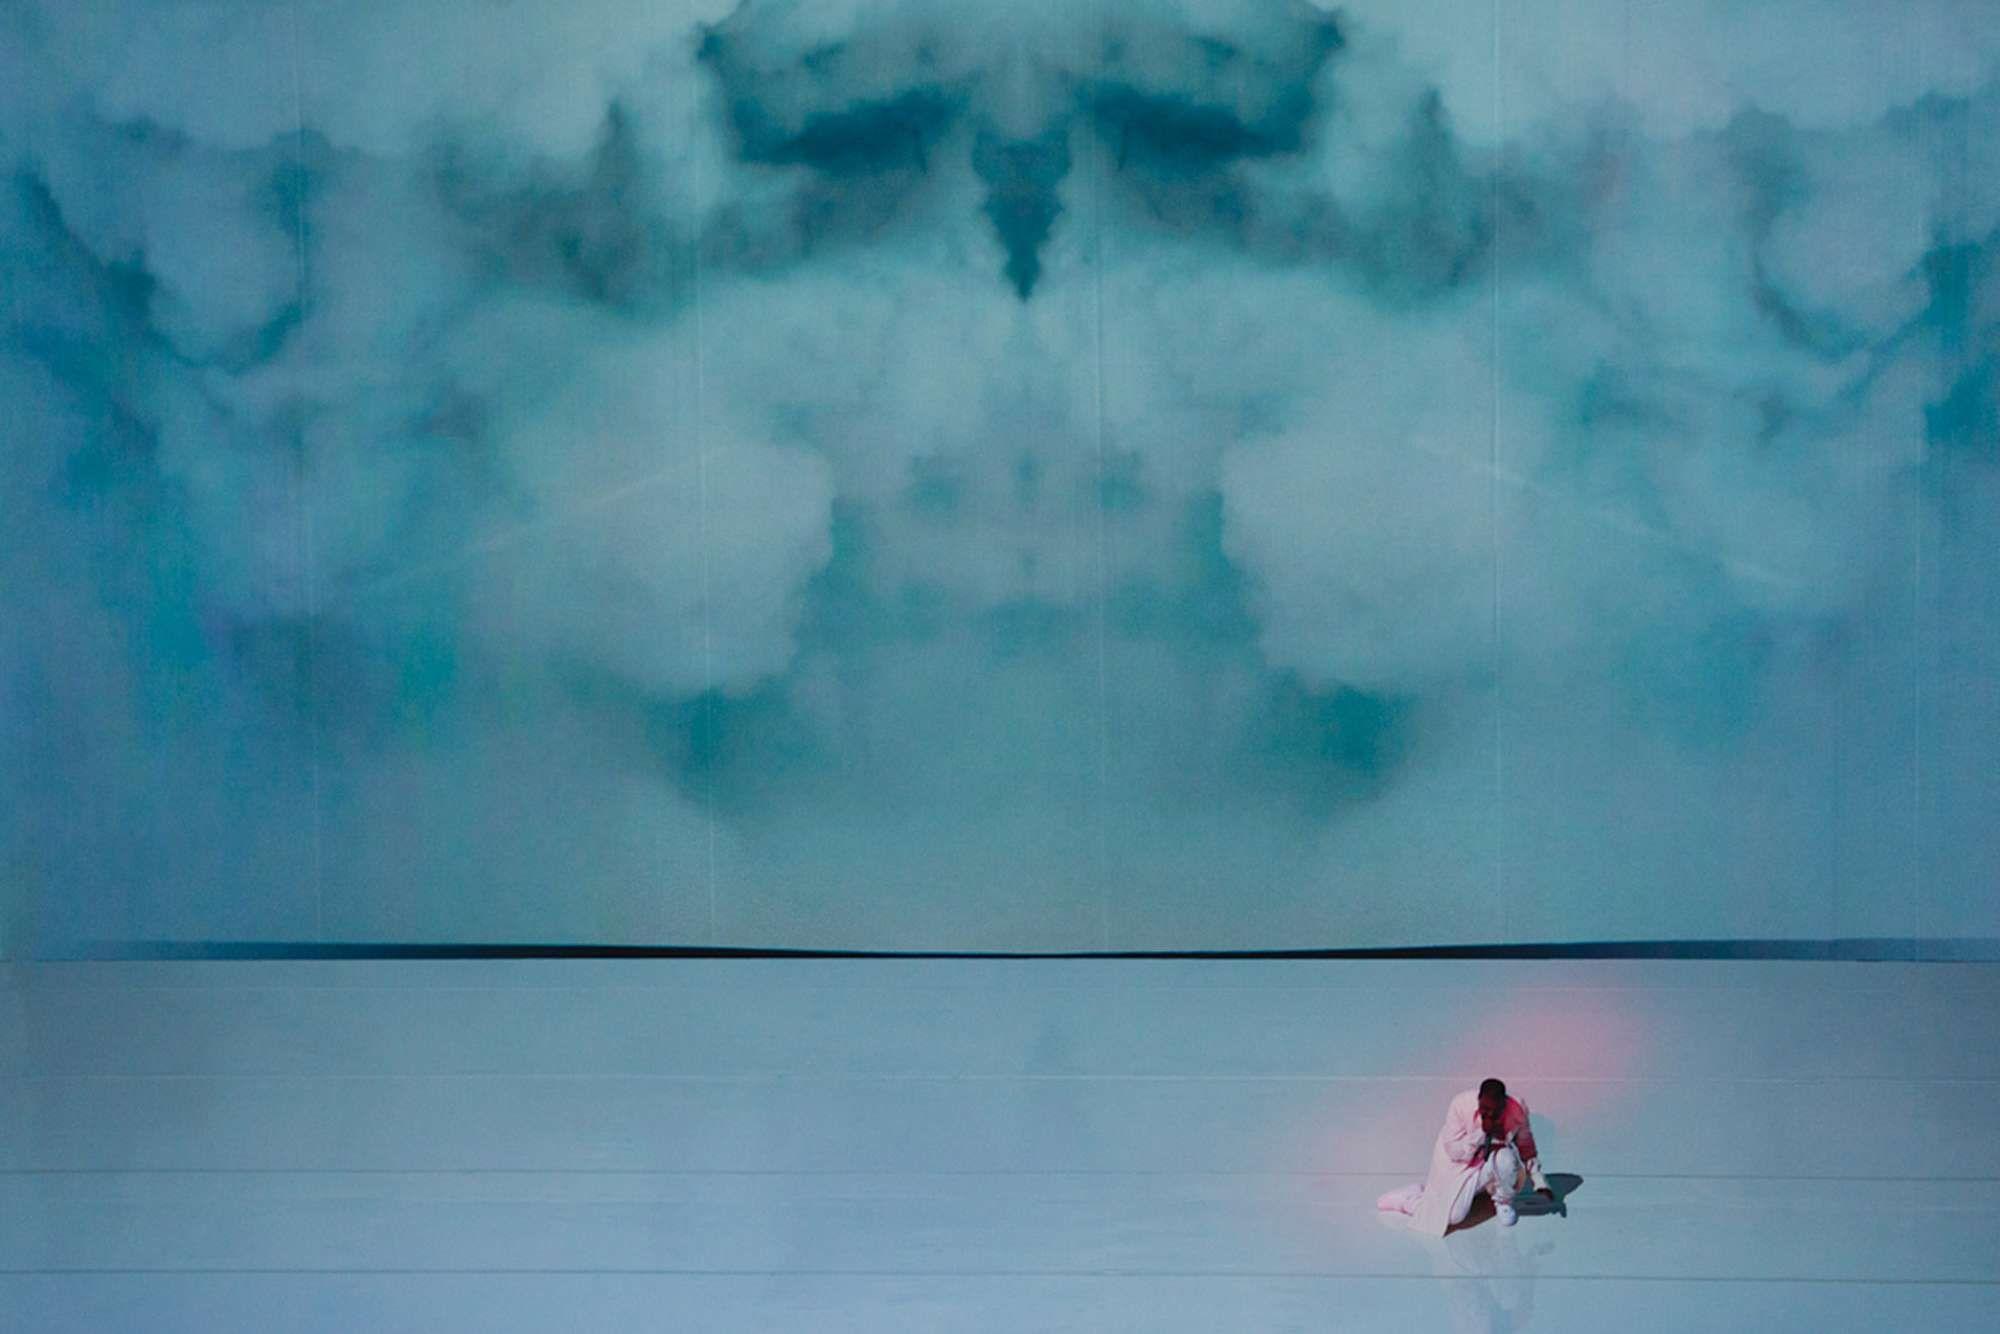 Концерт Канье Уэста в Атлантик-Сити, 2012